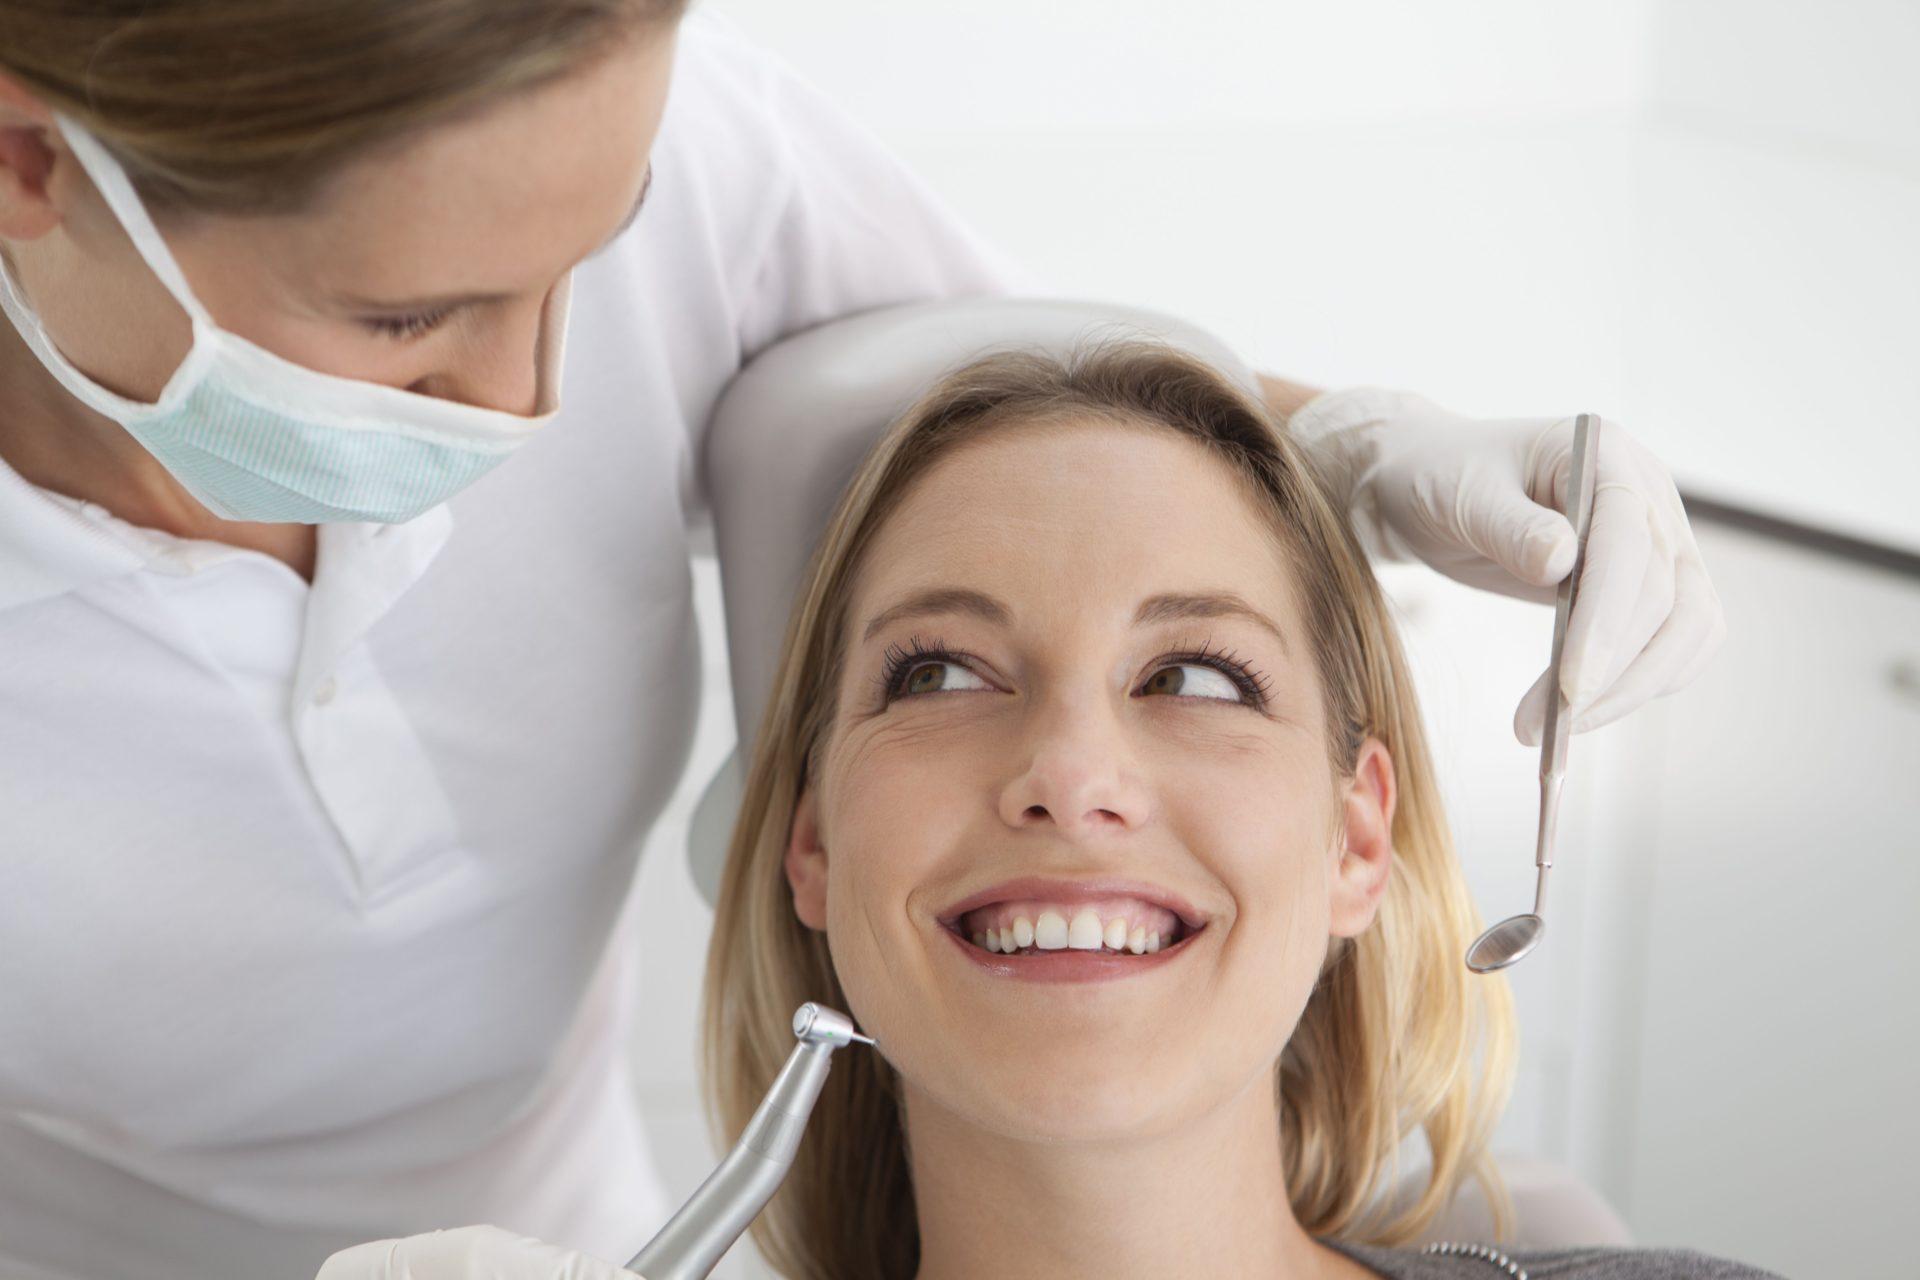 Consejos simples pero eficaces para alargar la vida de nuestros implantes dentales